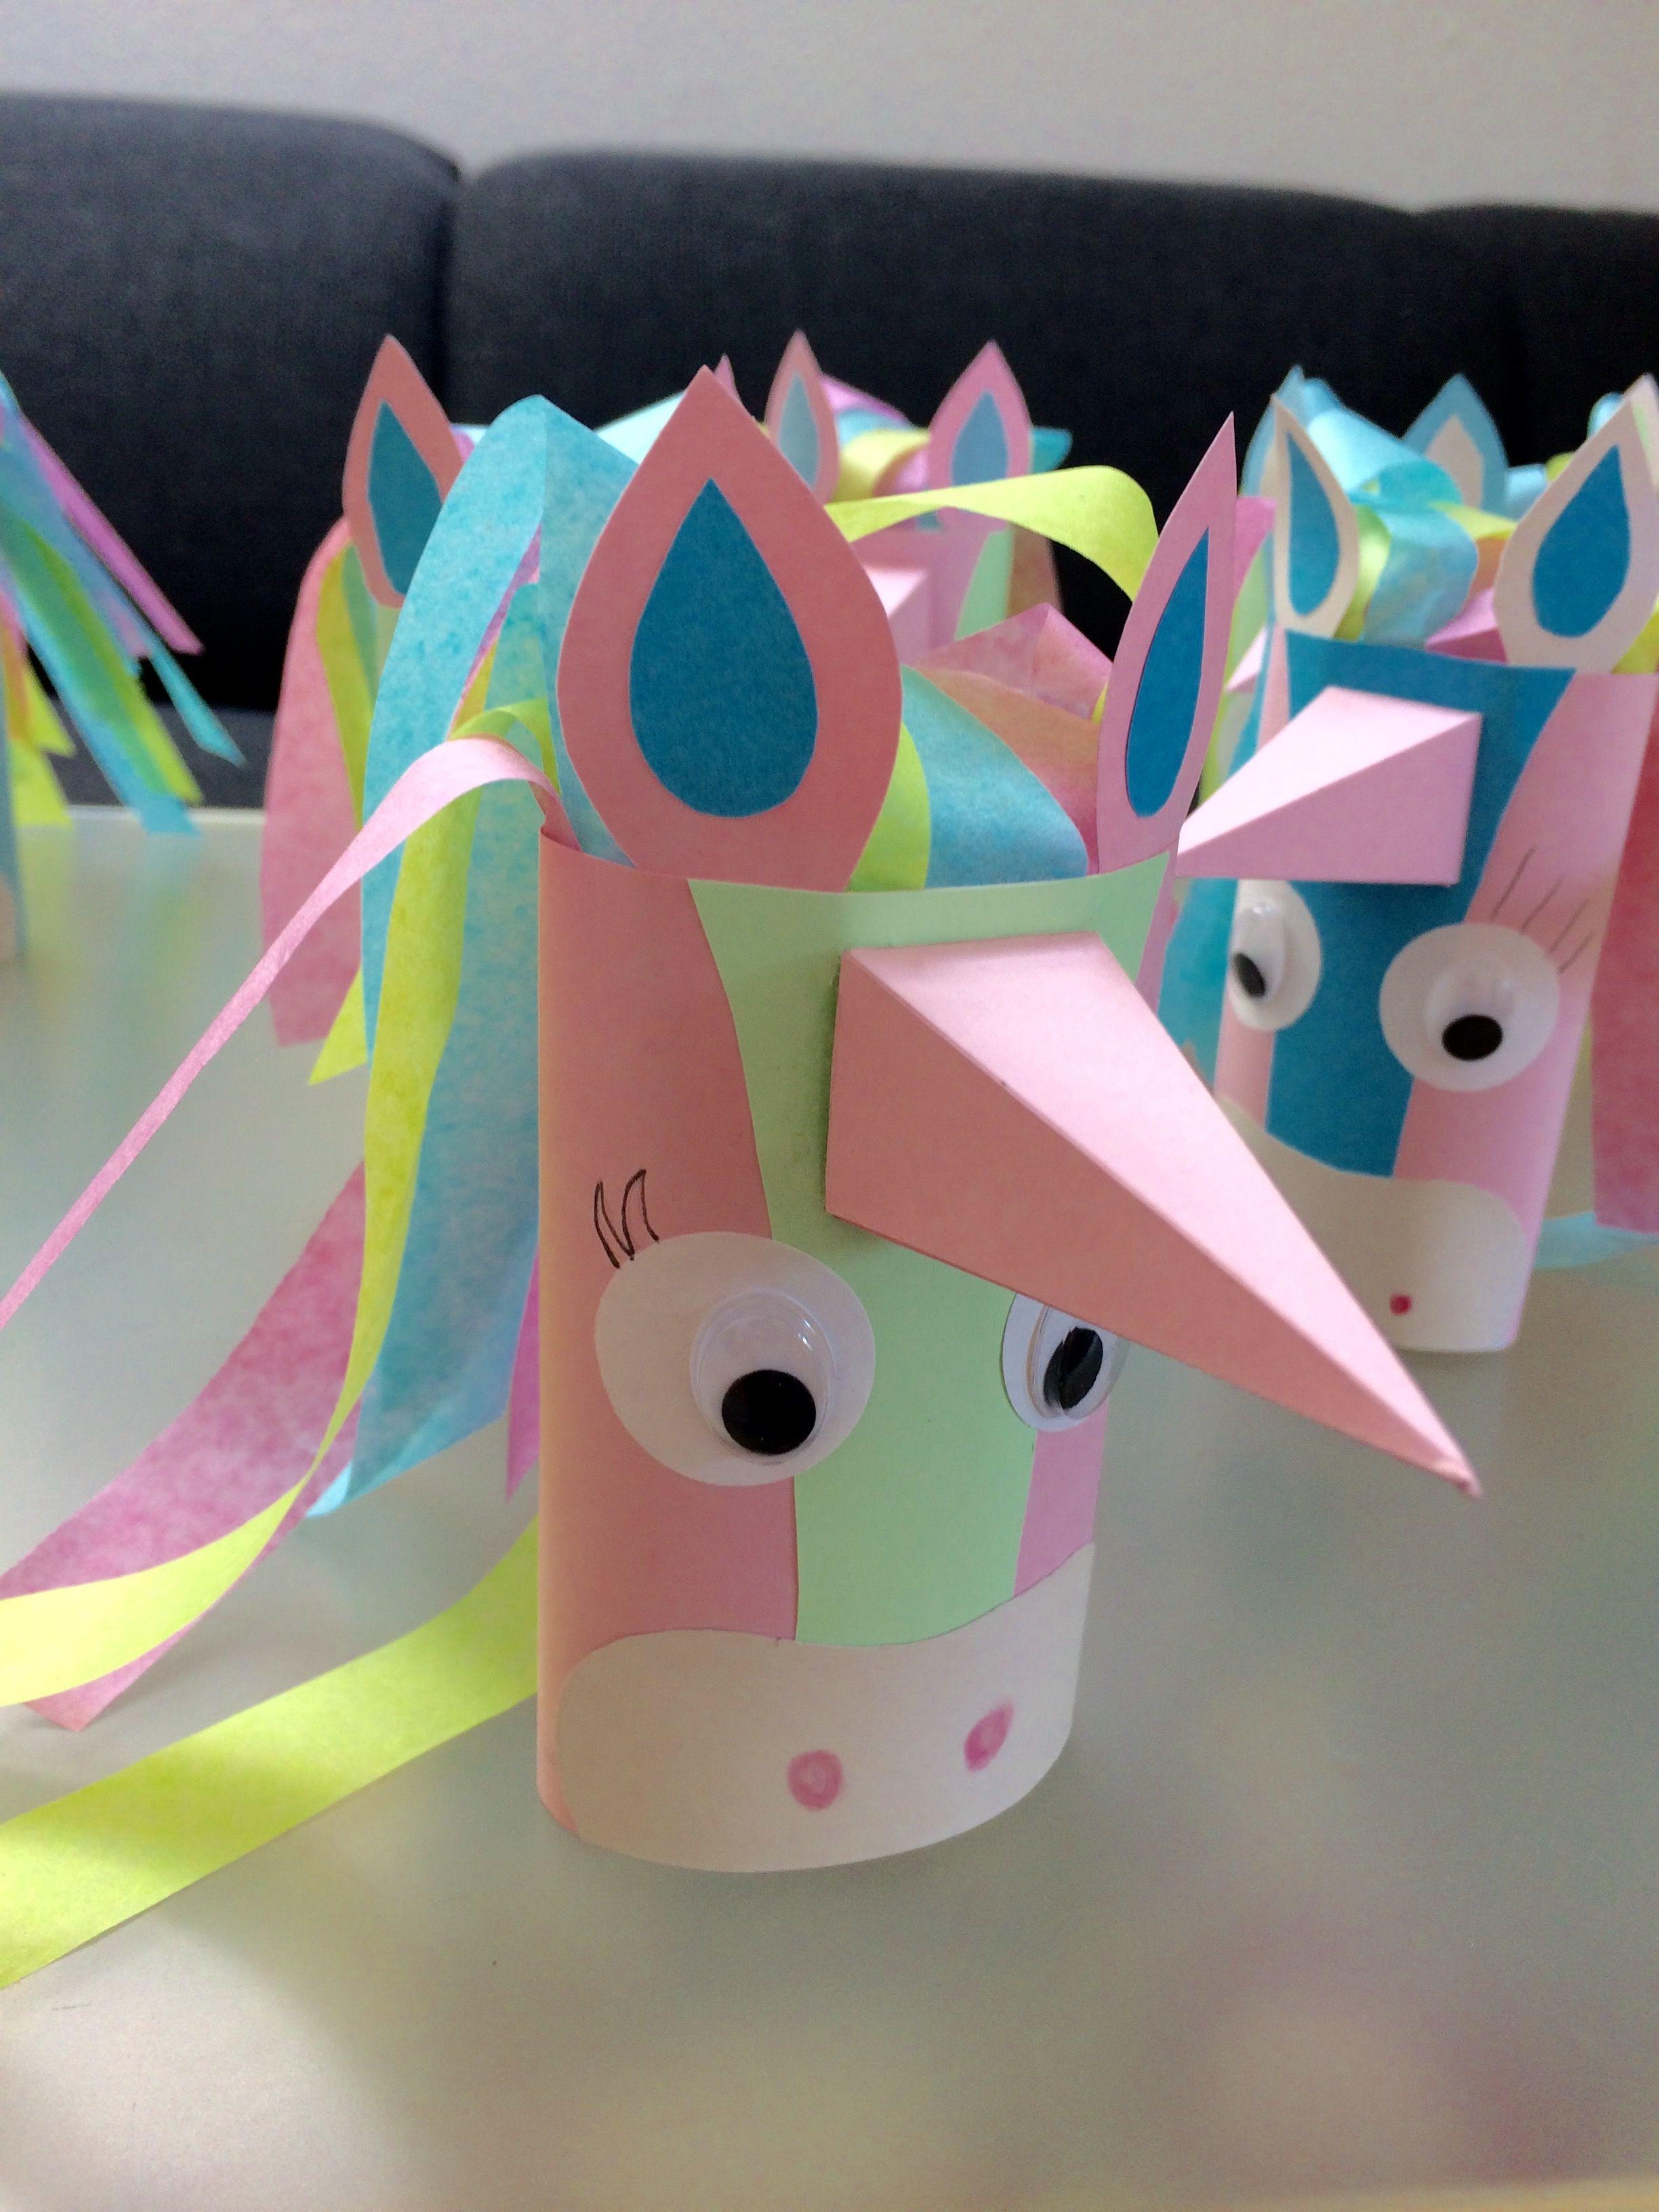 pferd aus papierrollen basteln, einfach den einladungstext einrollen und in die rolle stecken, Design ideen